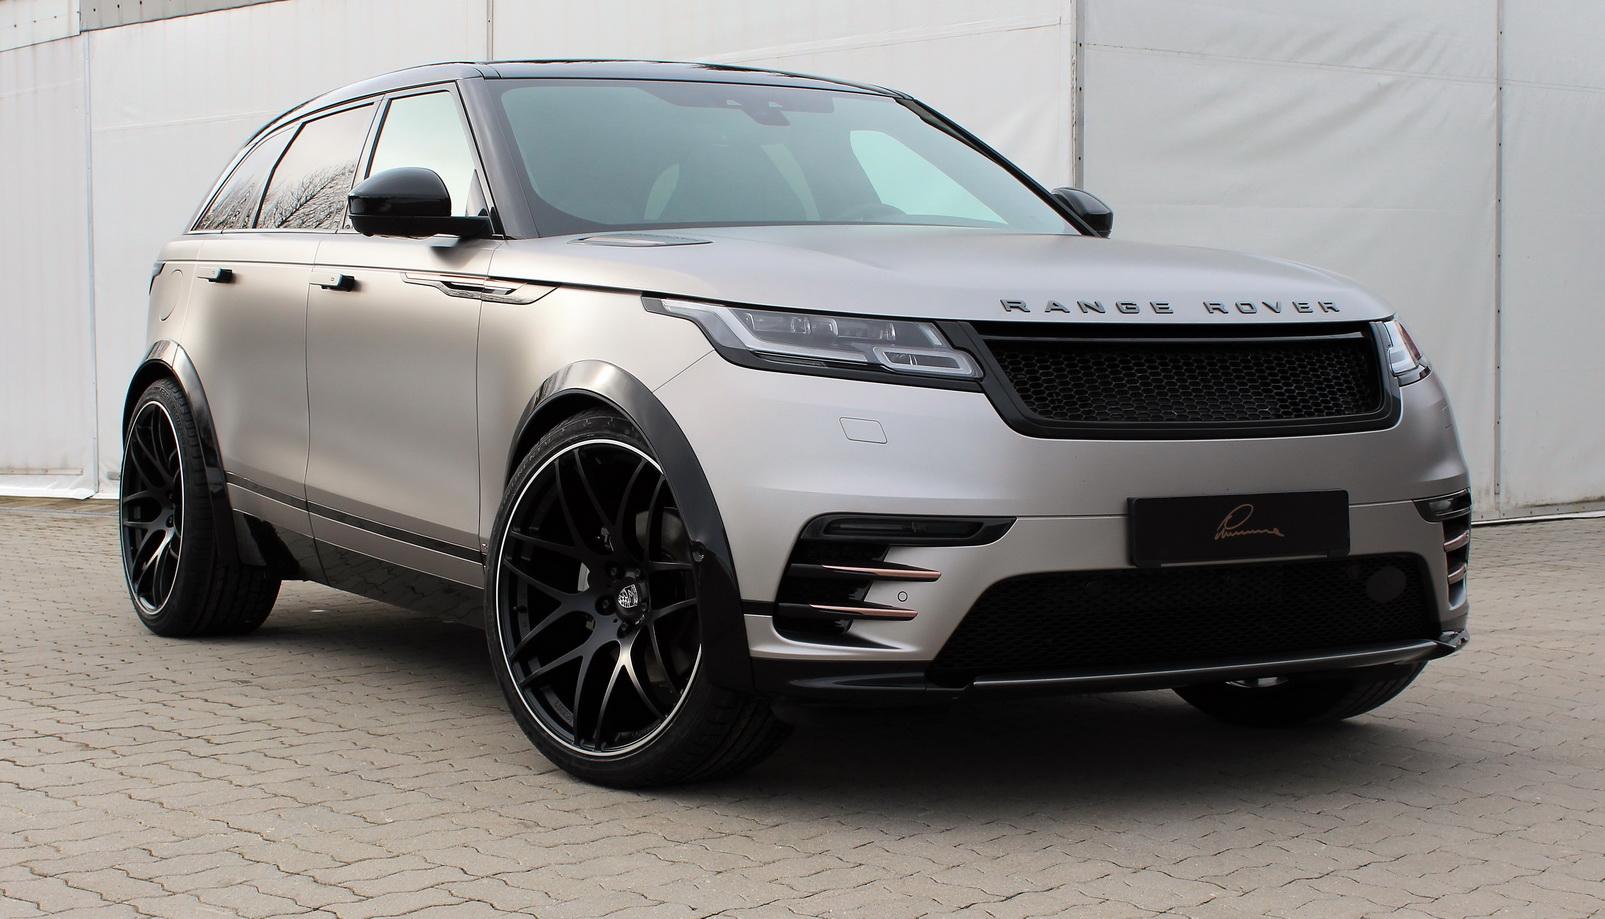 Не так давно ателье Lumma Design рассекретило очередной проект - Range Rover Velar с эксклюзивным пакетом визуальных улучшений